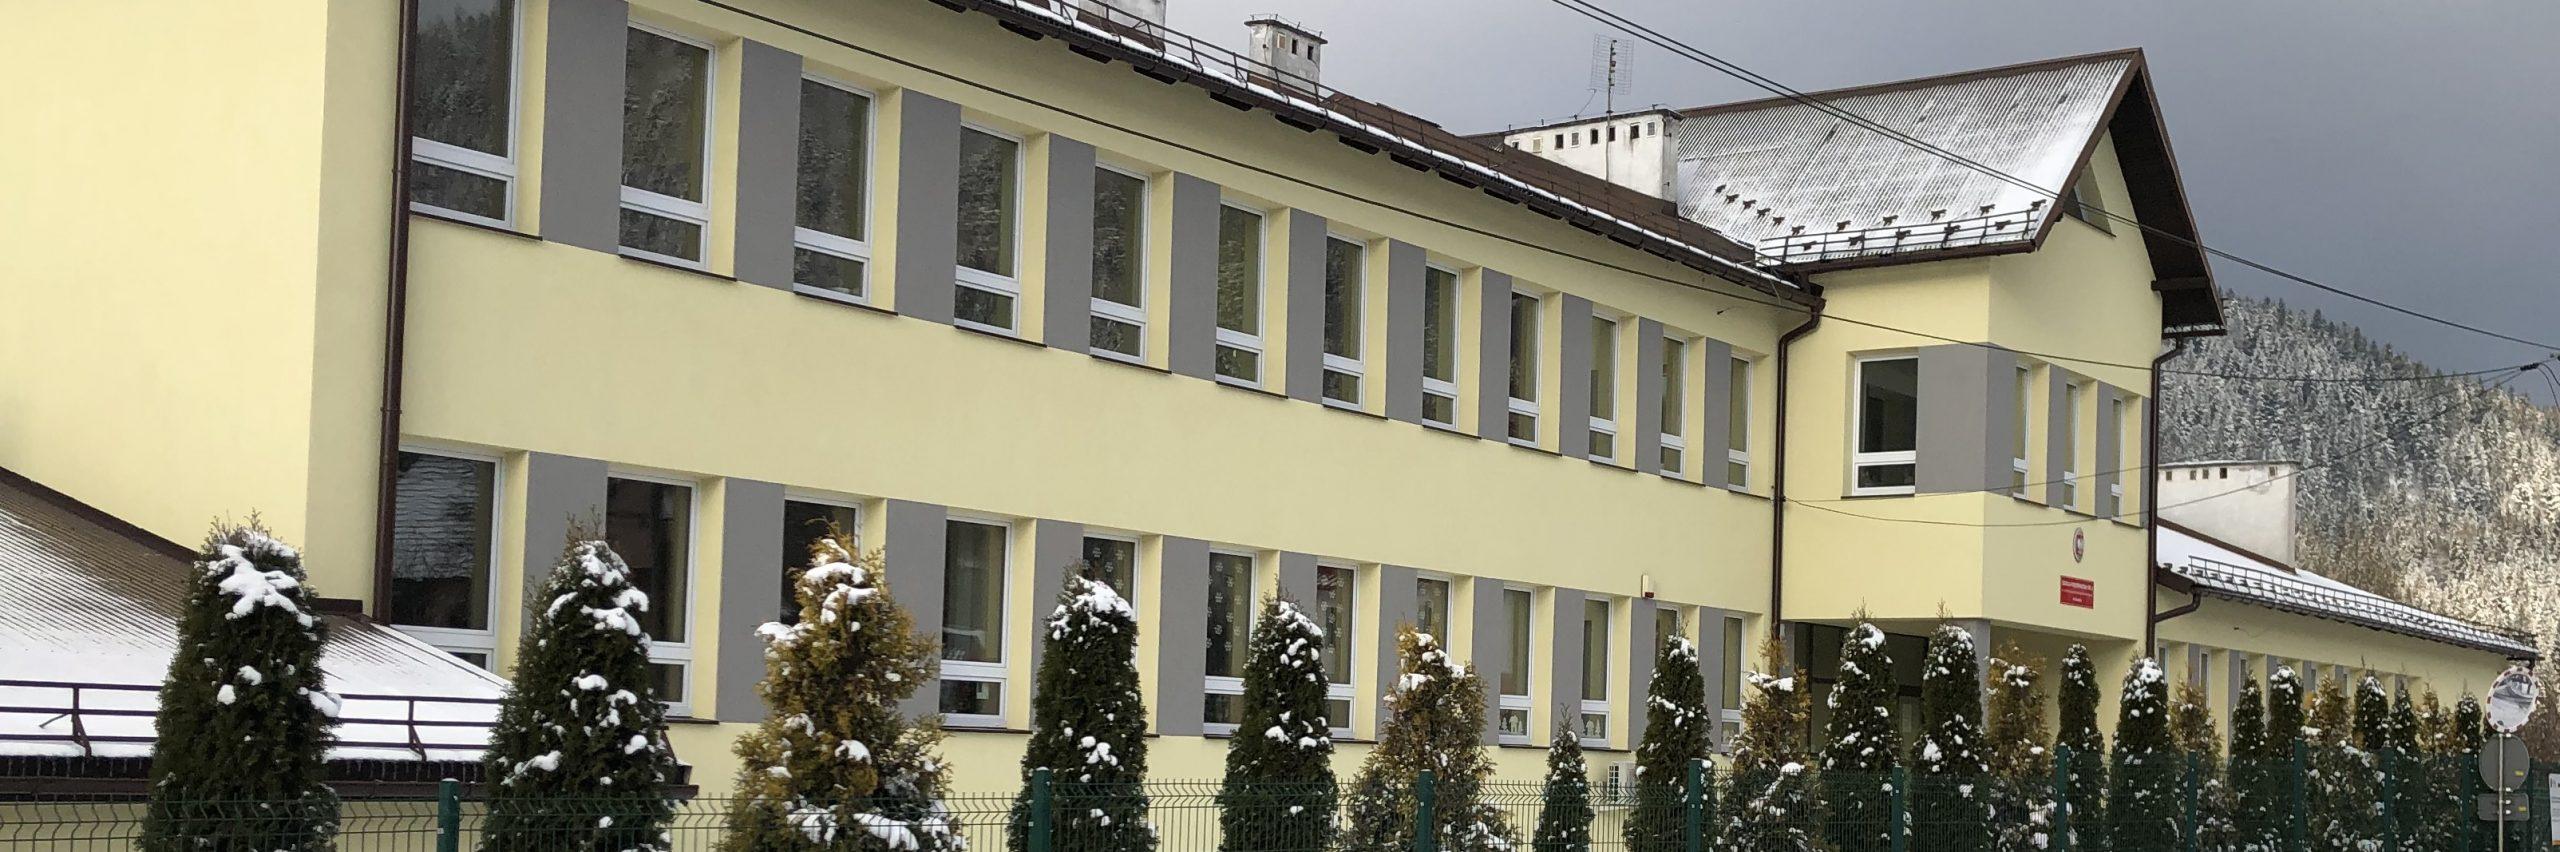 Szkoła Podstawowa nr 1 im. 1 Pułku Strzelców Podhalańskich Armii Krajowej w Szczawie